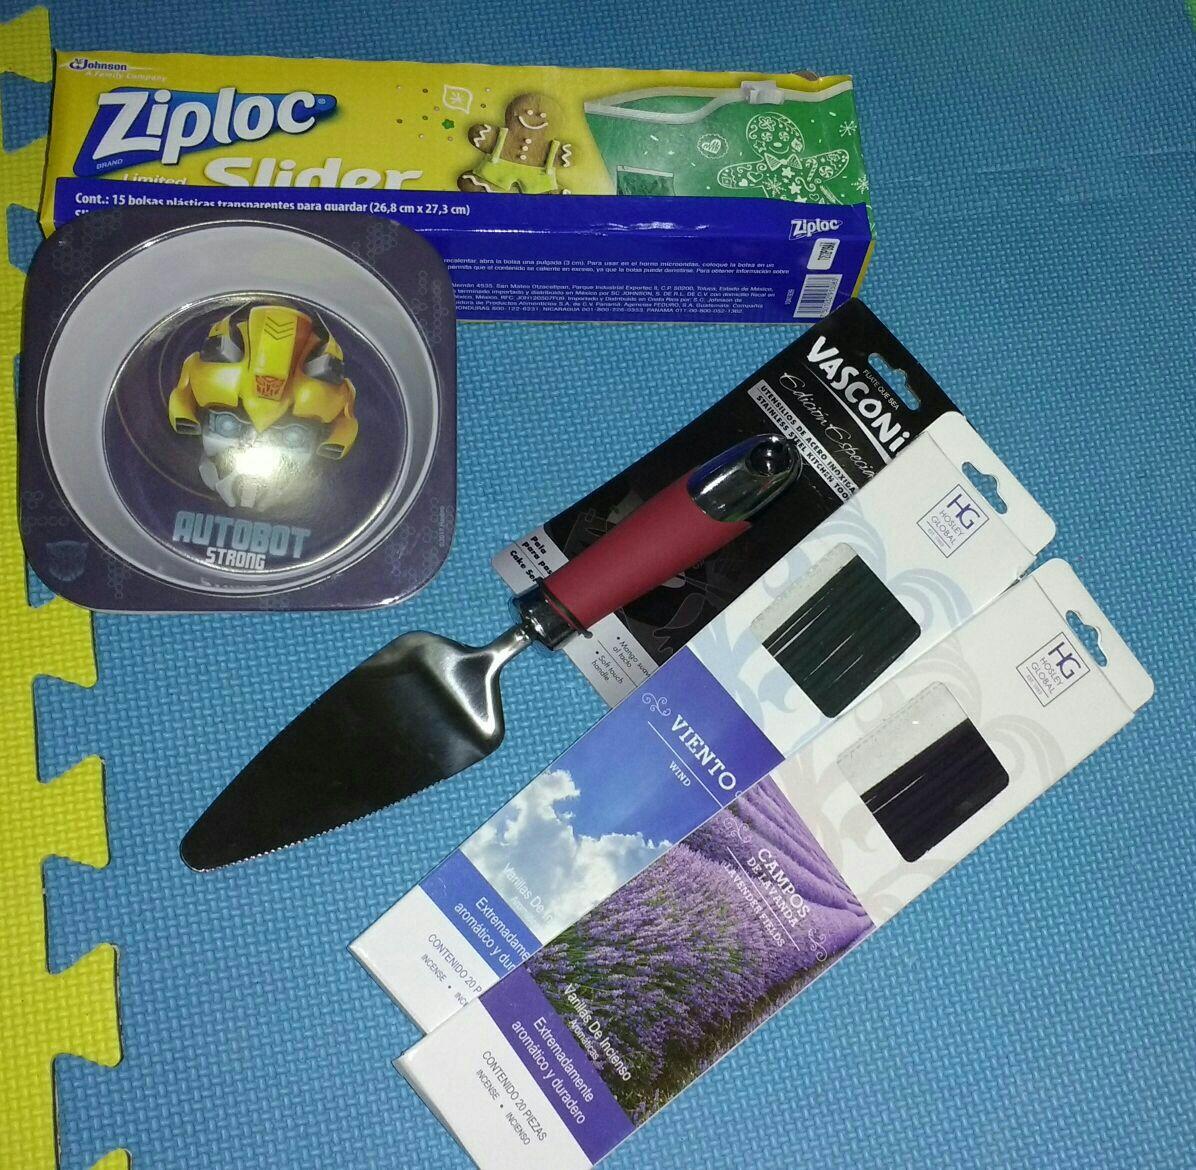 Walmart Oriente Tuxtla Gutiérrez: Ziploc bolsas navideñas a $15.03